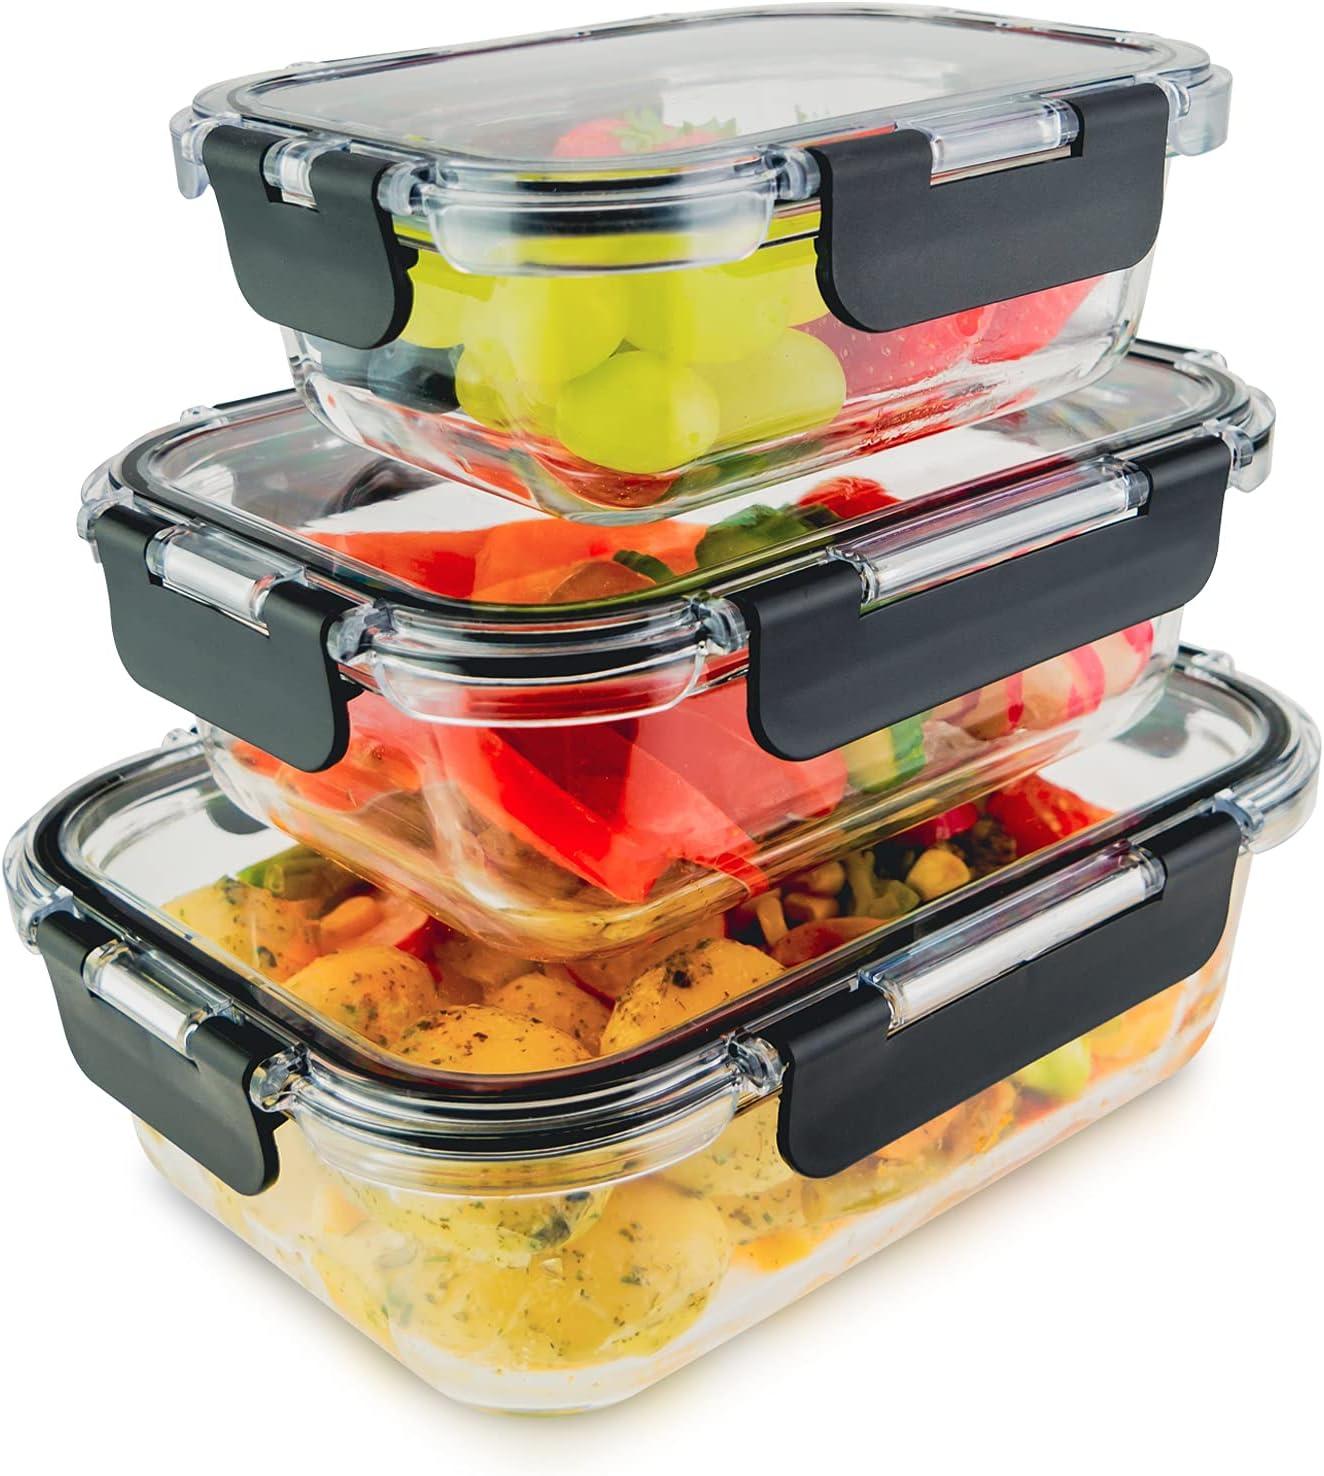 edallo® 3 recipientes de cristal para alimentos con tapas de Tritan® - Aptos para microondas, horno, congelador, lavavajillas - Tapers vidrio herméticos botes cocina - Juego: 370ml, 640ml, 1040ml